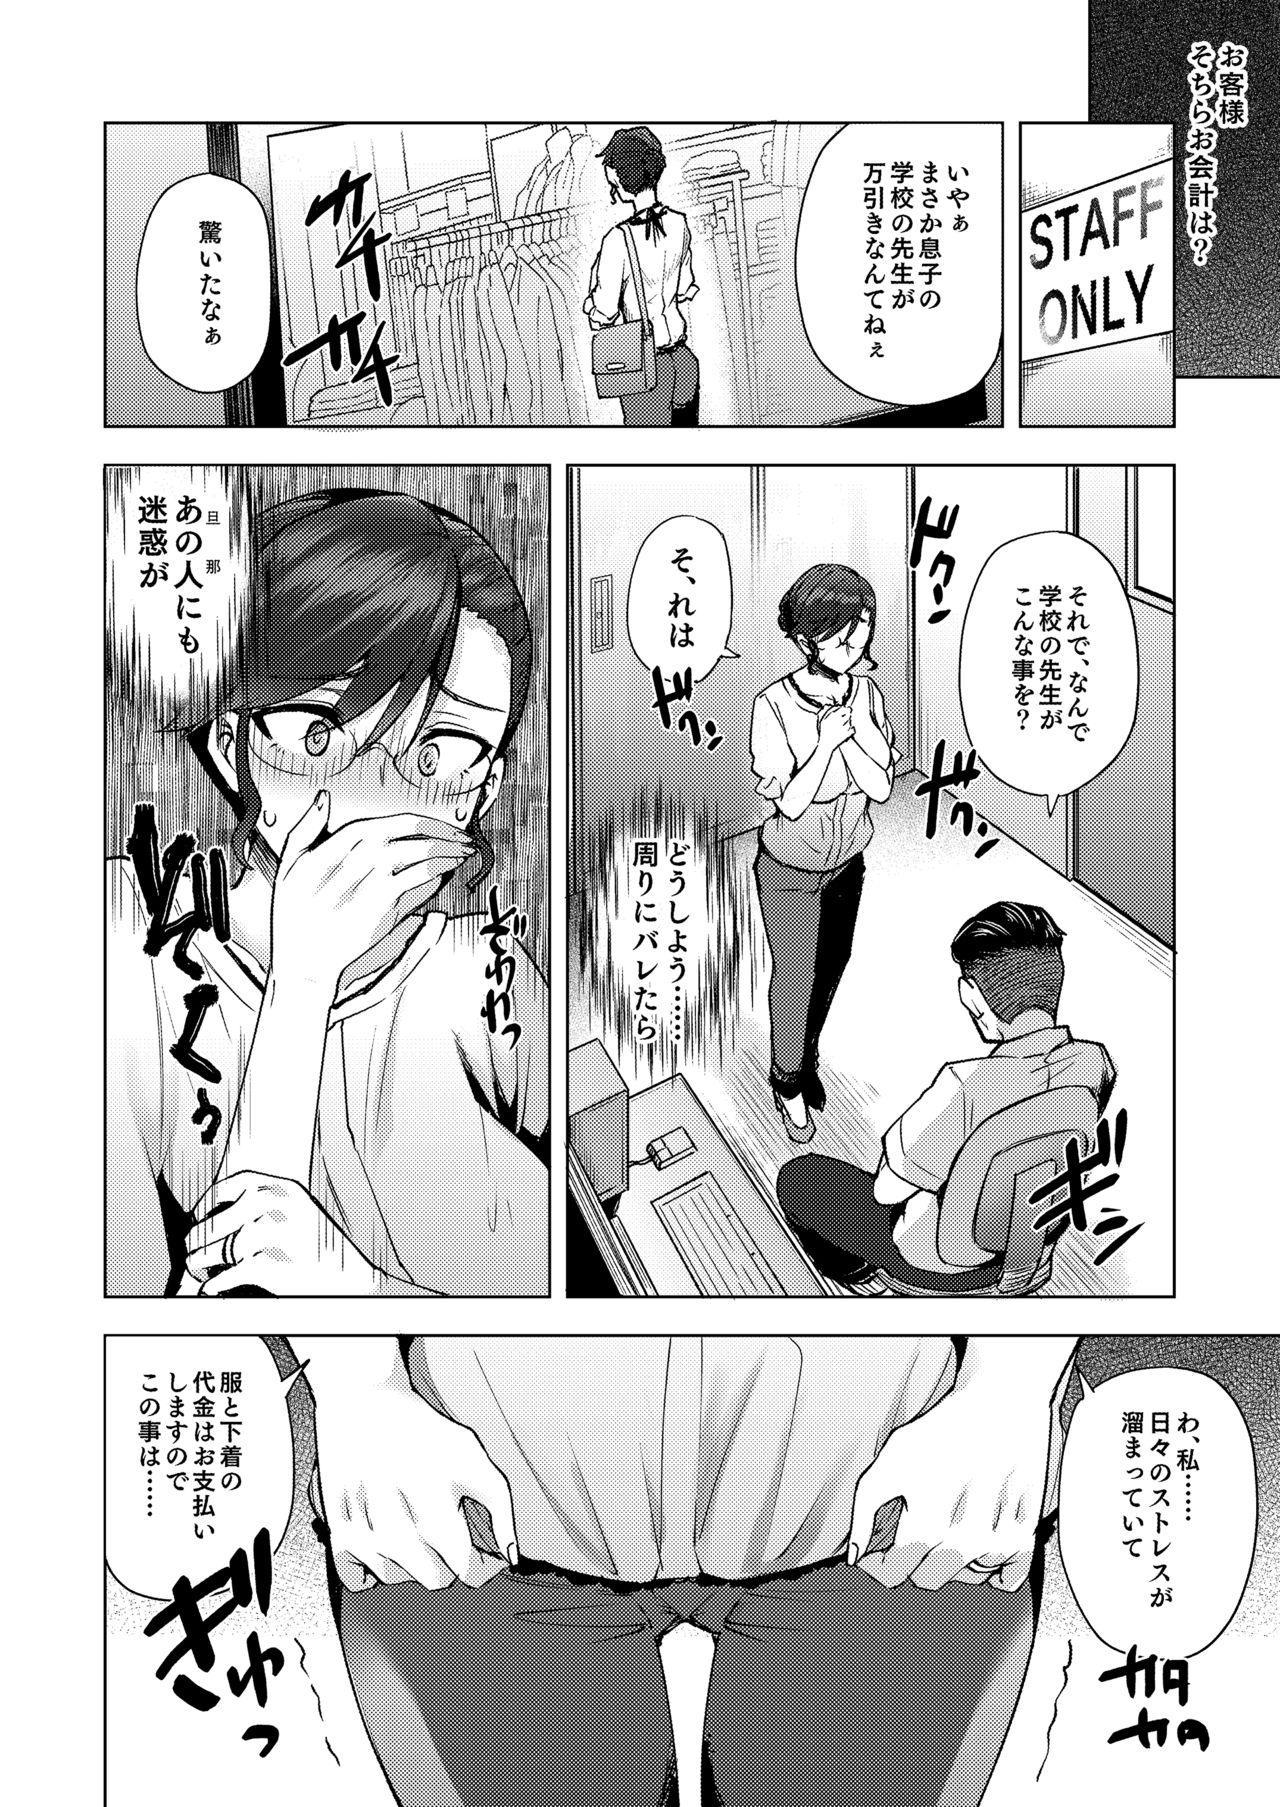 Watashi ga Manbiki o Shita Wake o Kiite Kudasai 2 6